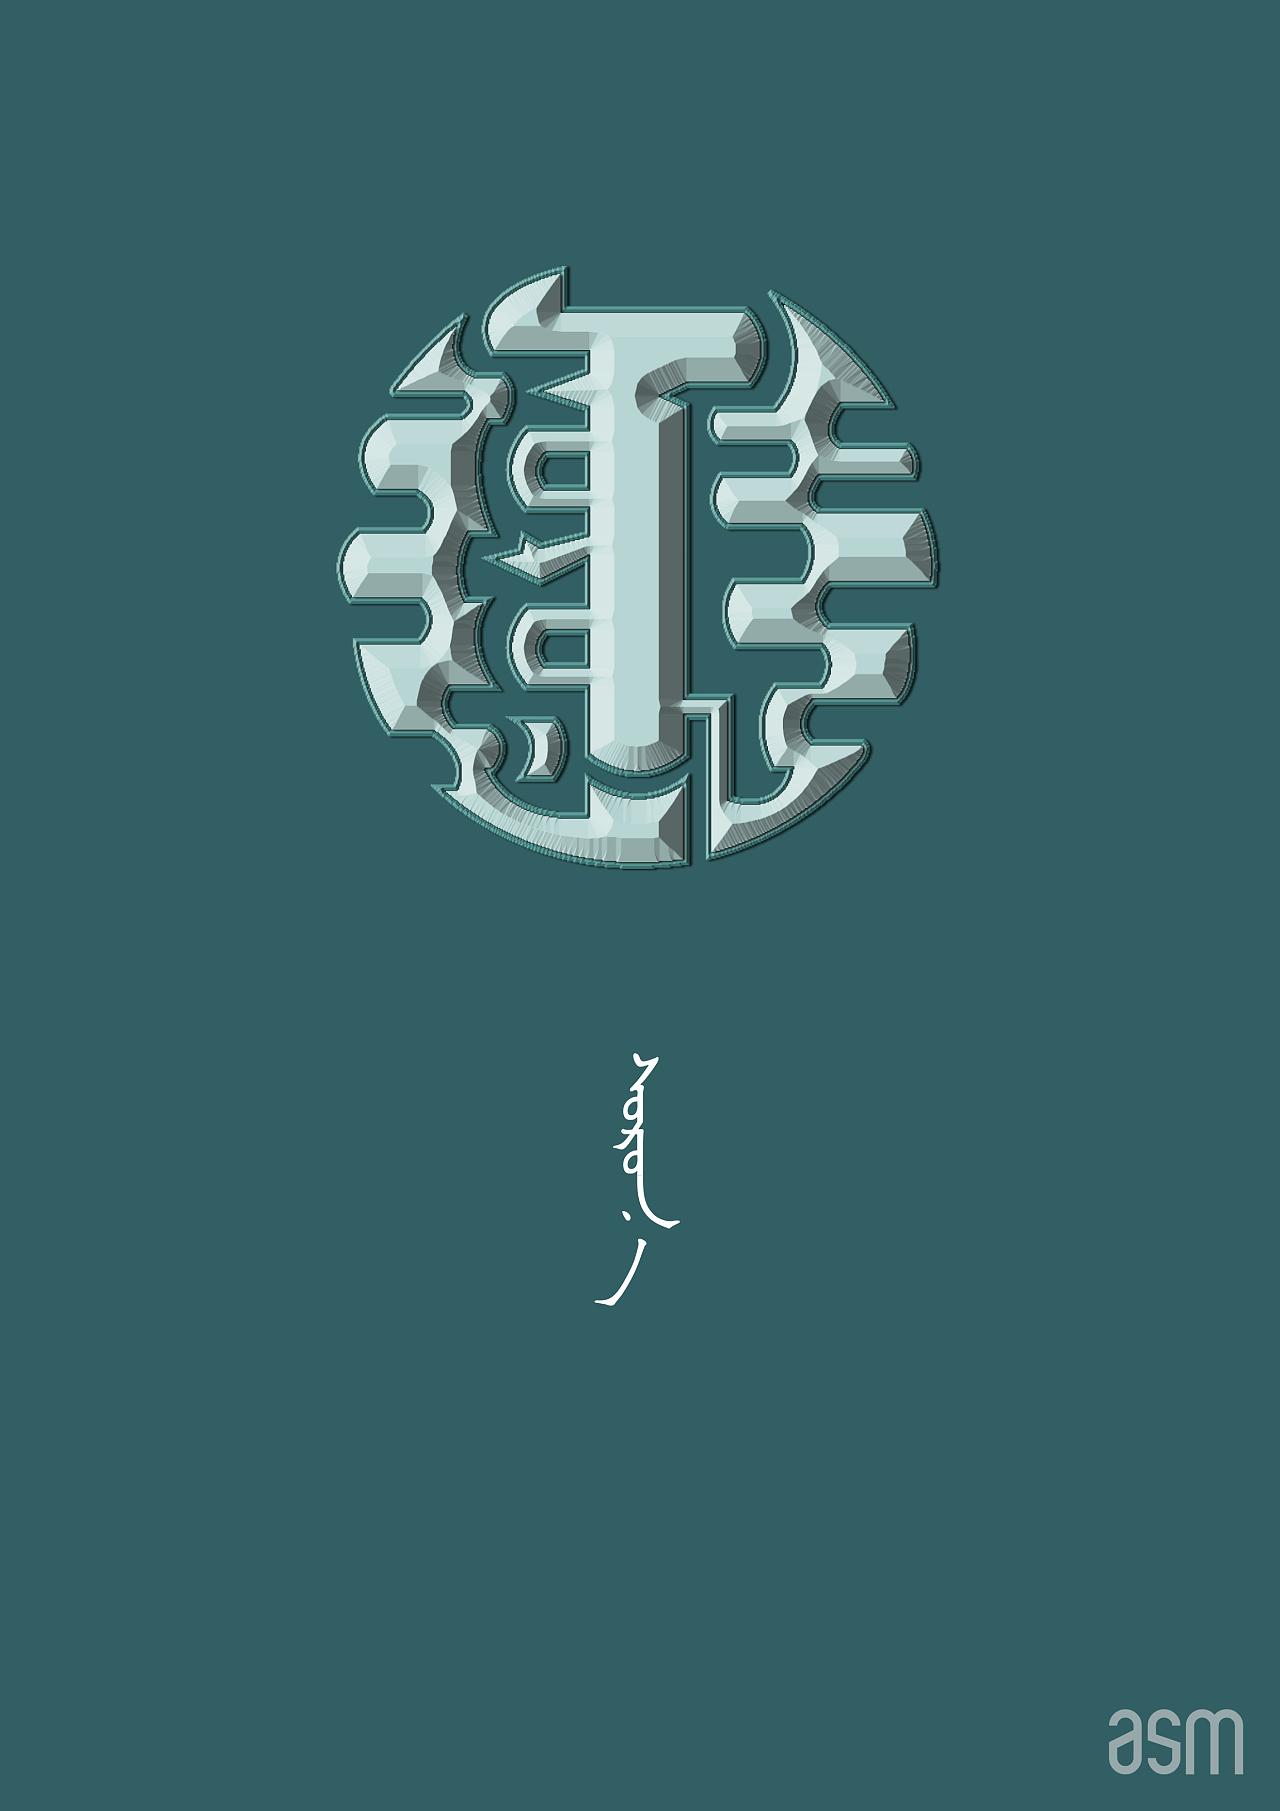 蒙古艺术文字2 -阿斯玛设计 第7张